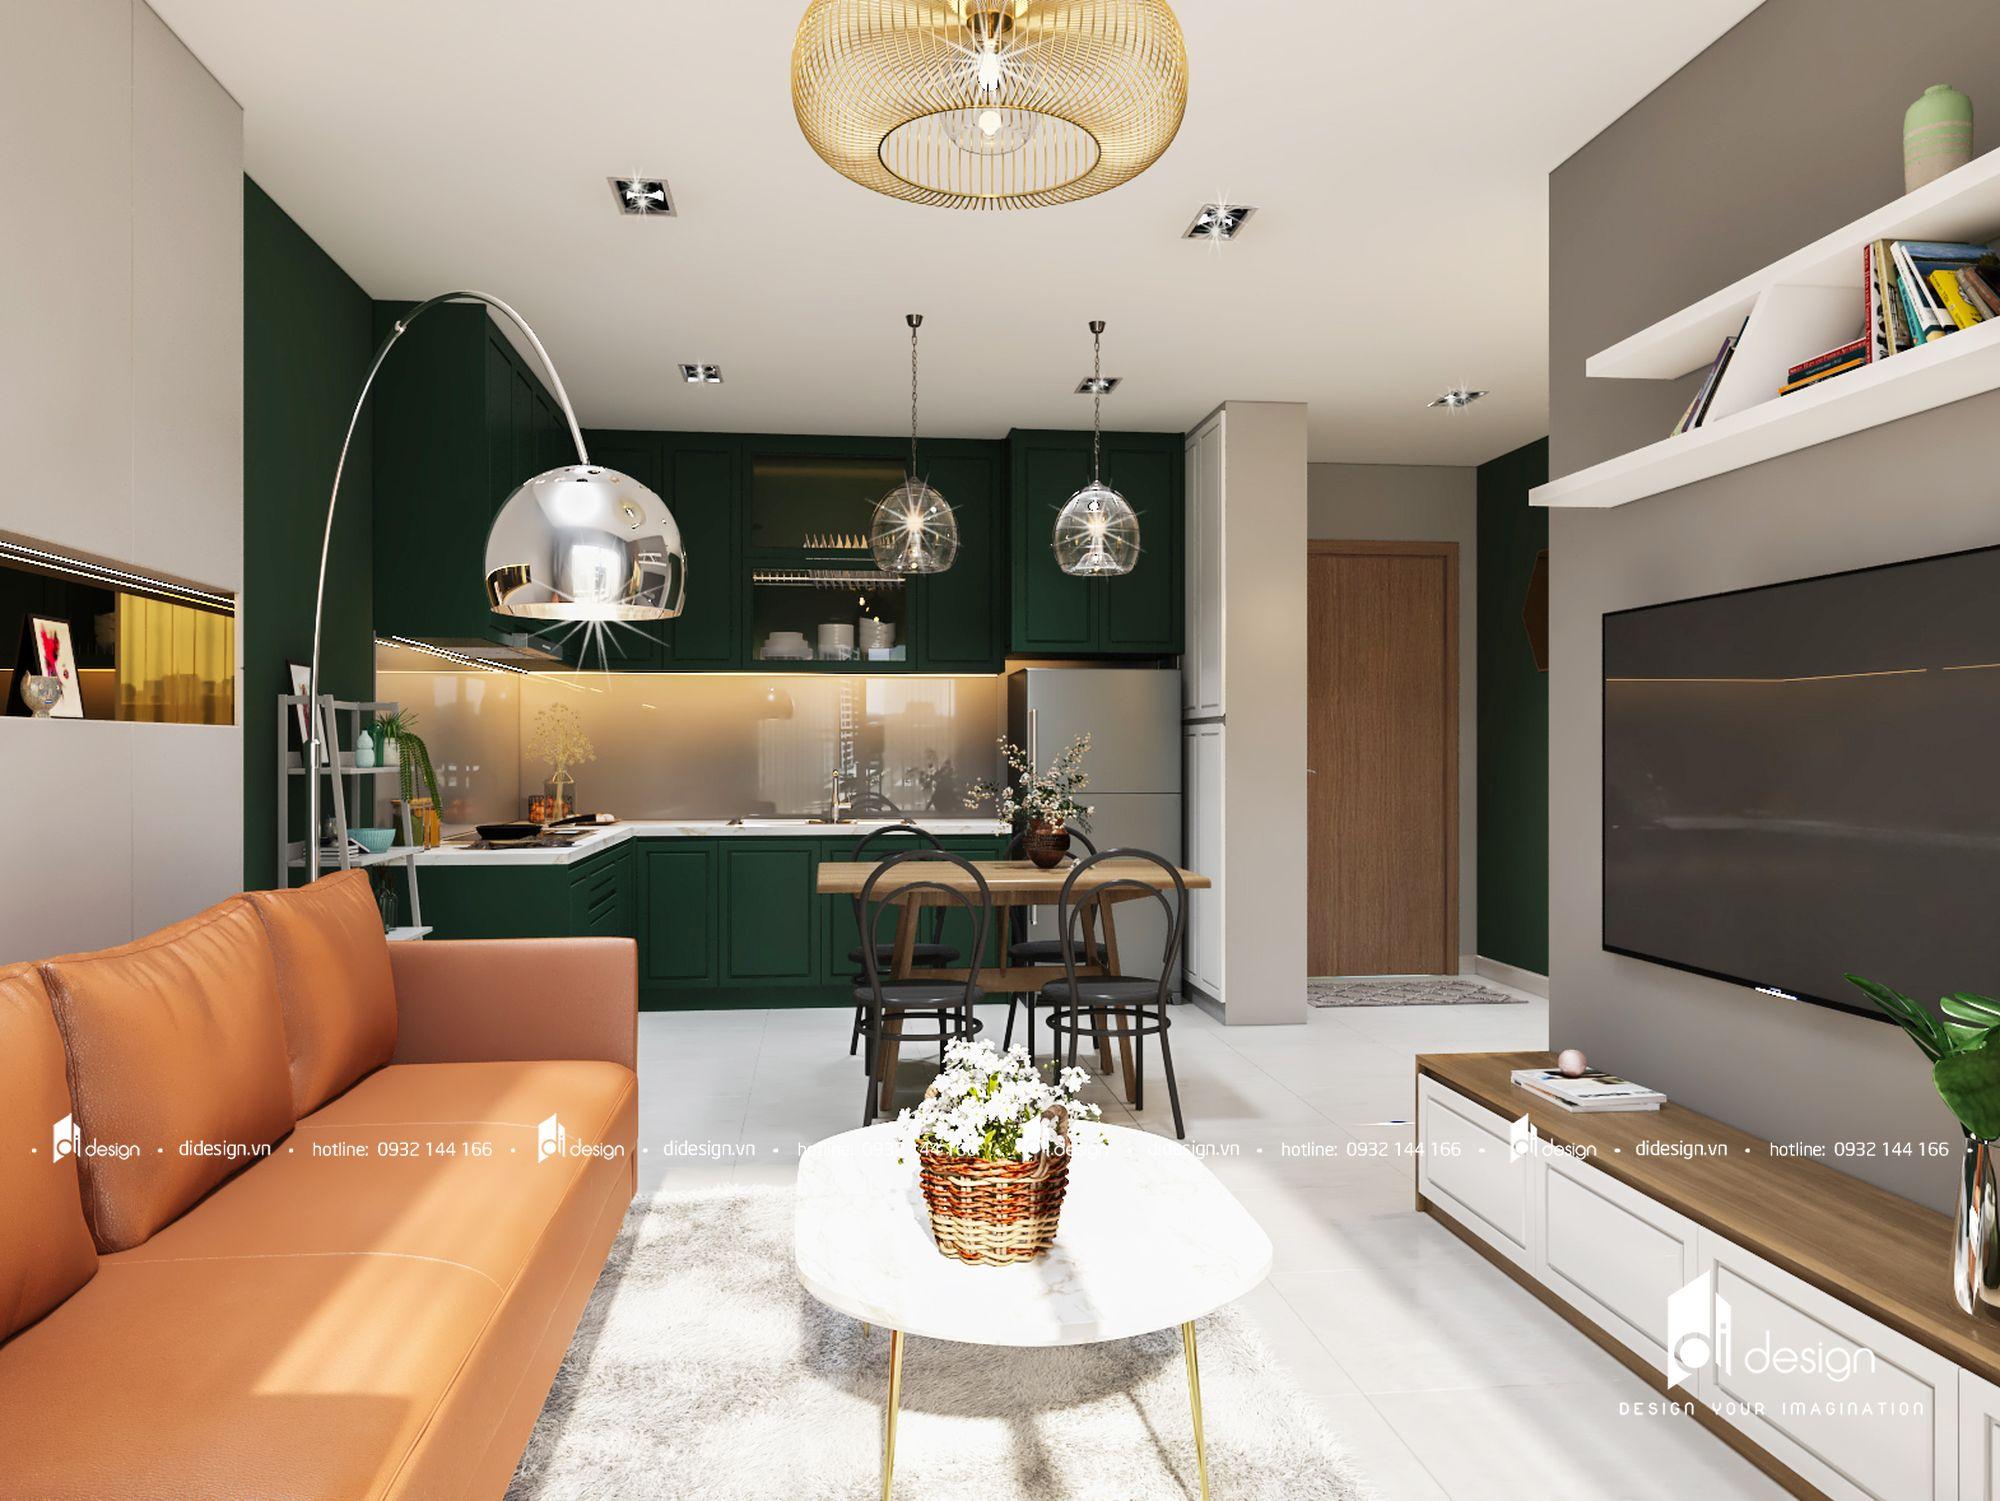 Thiết kế nội thất căn hộ Flora Novia 74m2 2 phòng ngủ